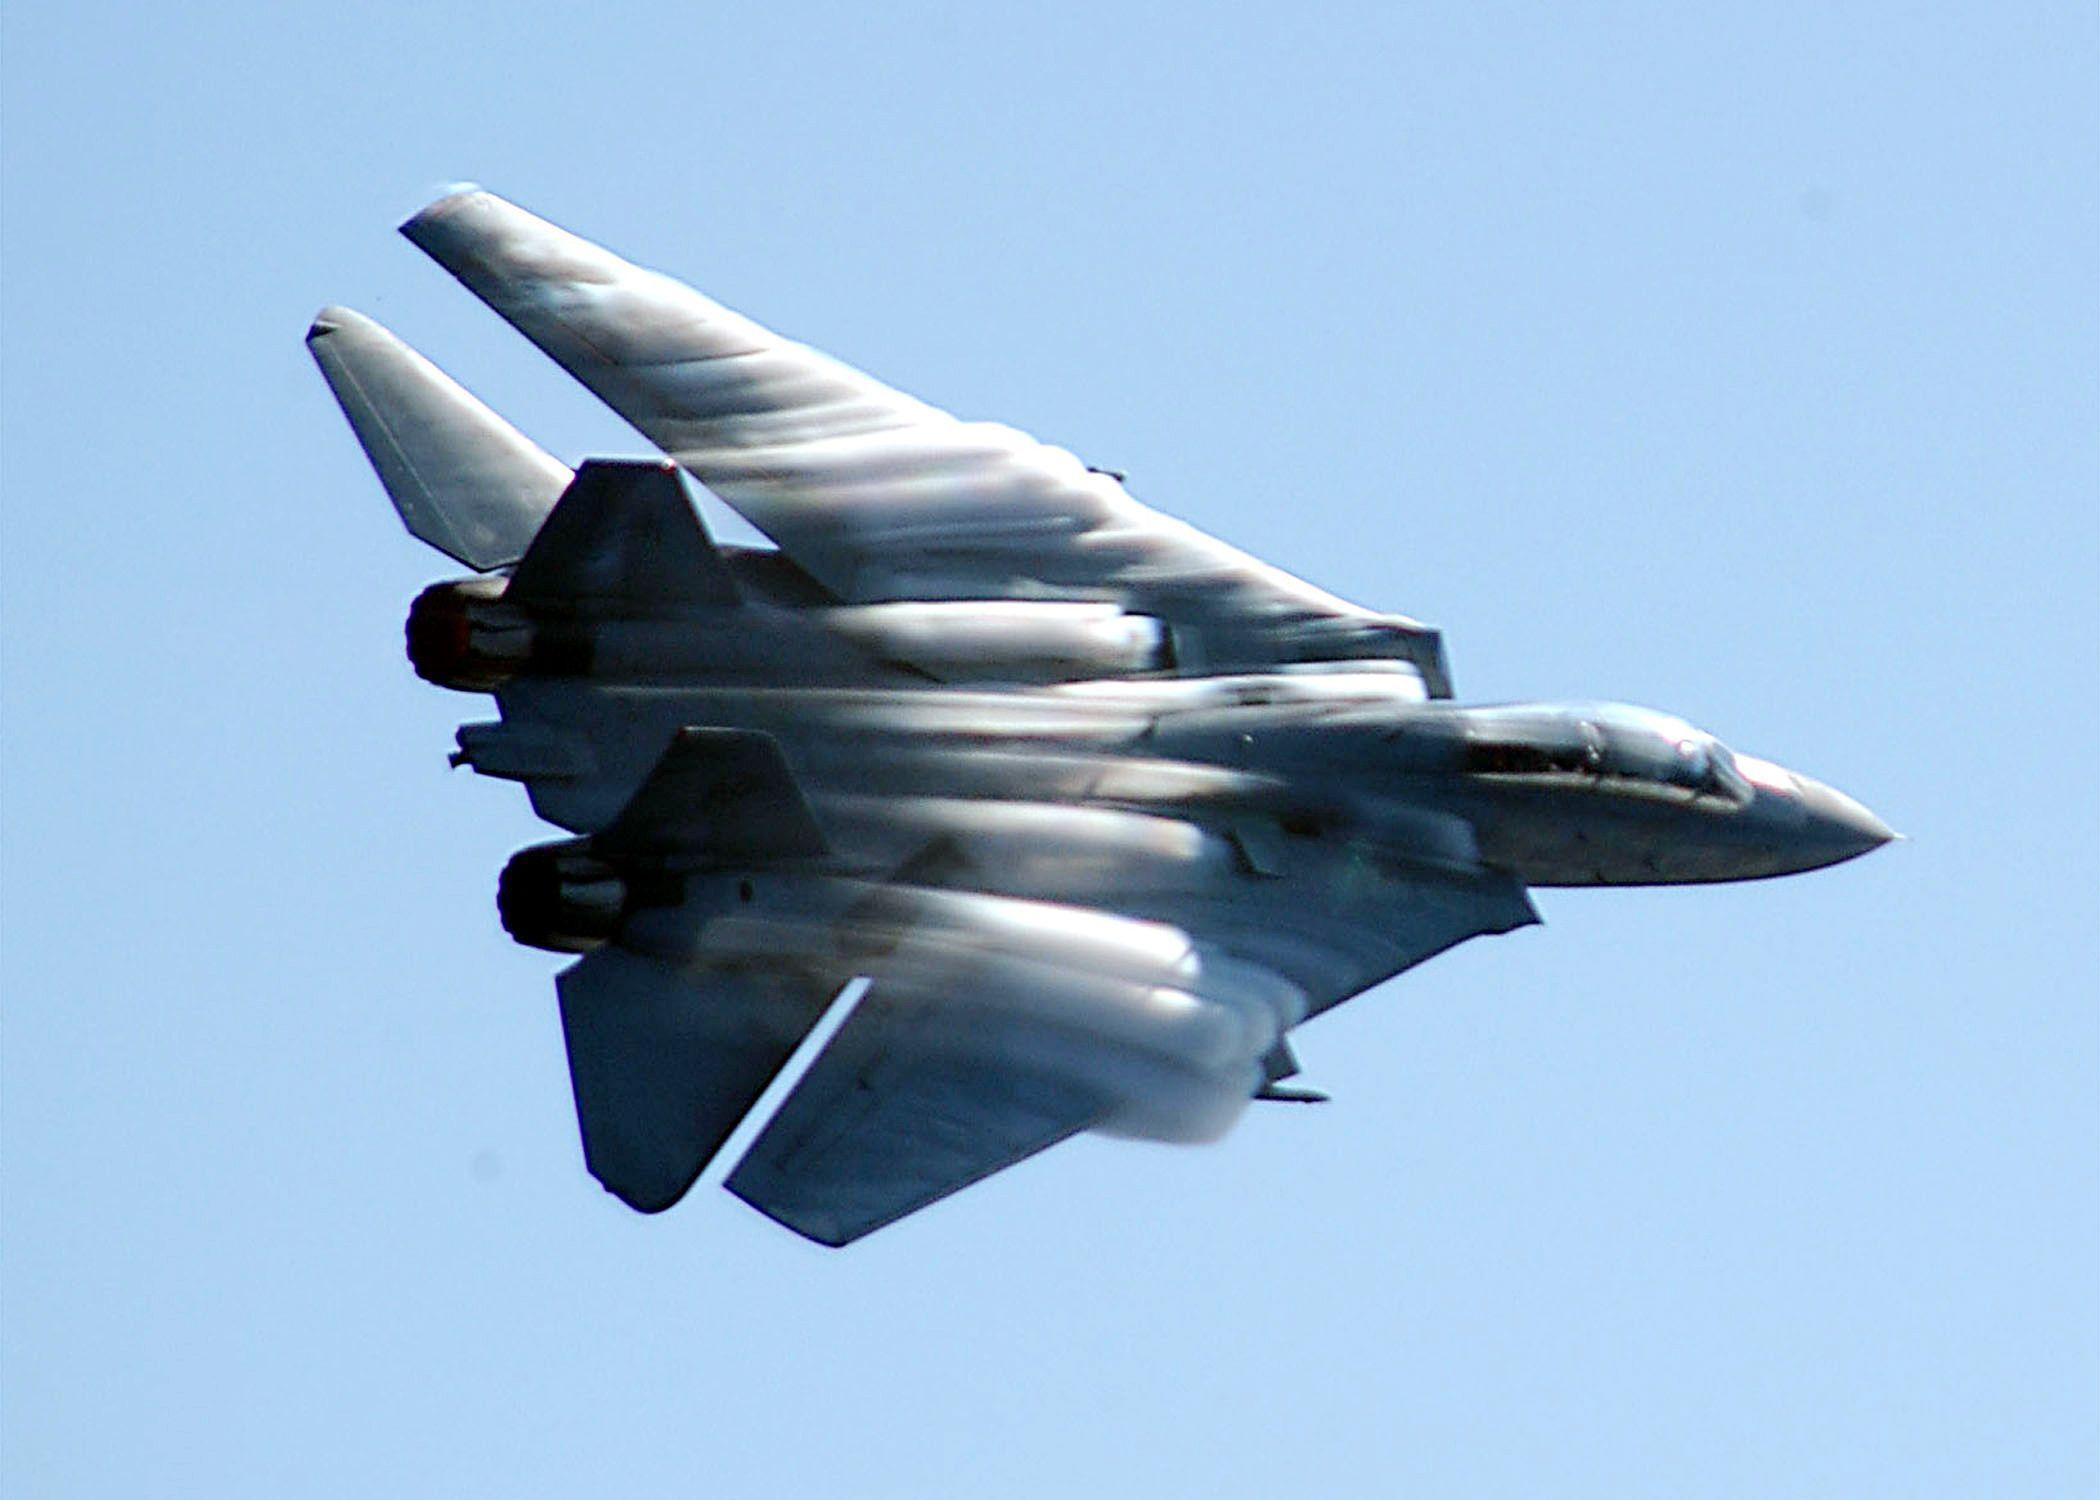 Hd F 14 Tomcat Wallpaper Download Free 124856 Fighter Jets F14 Tomcat Aircraft